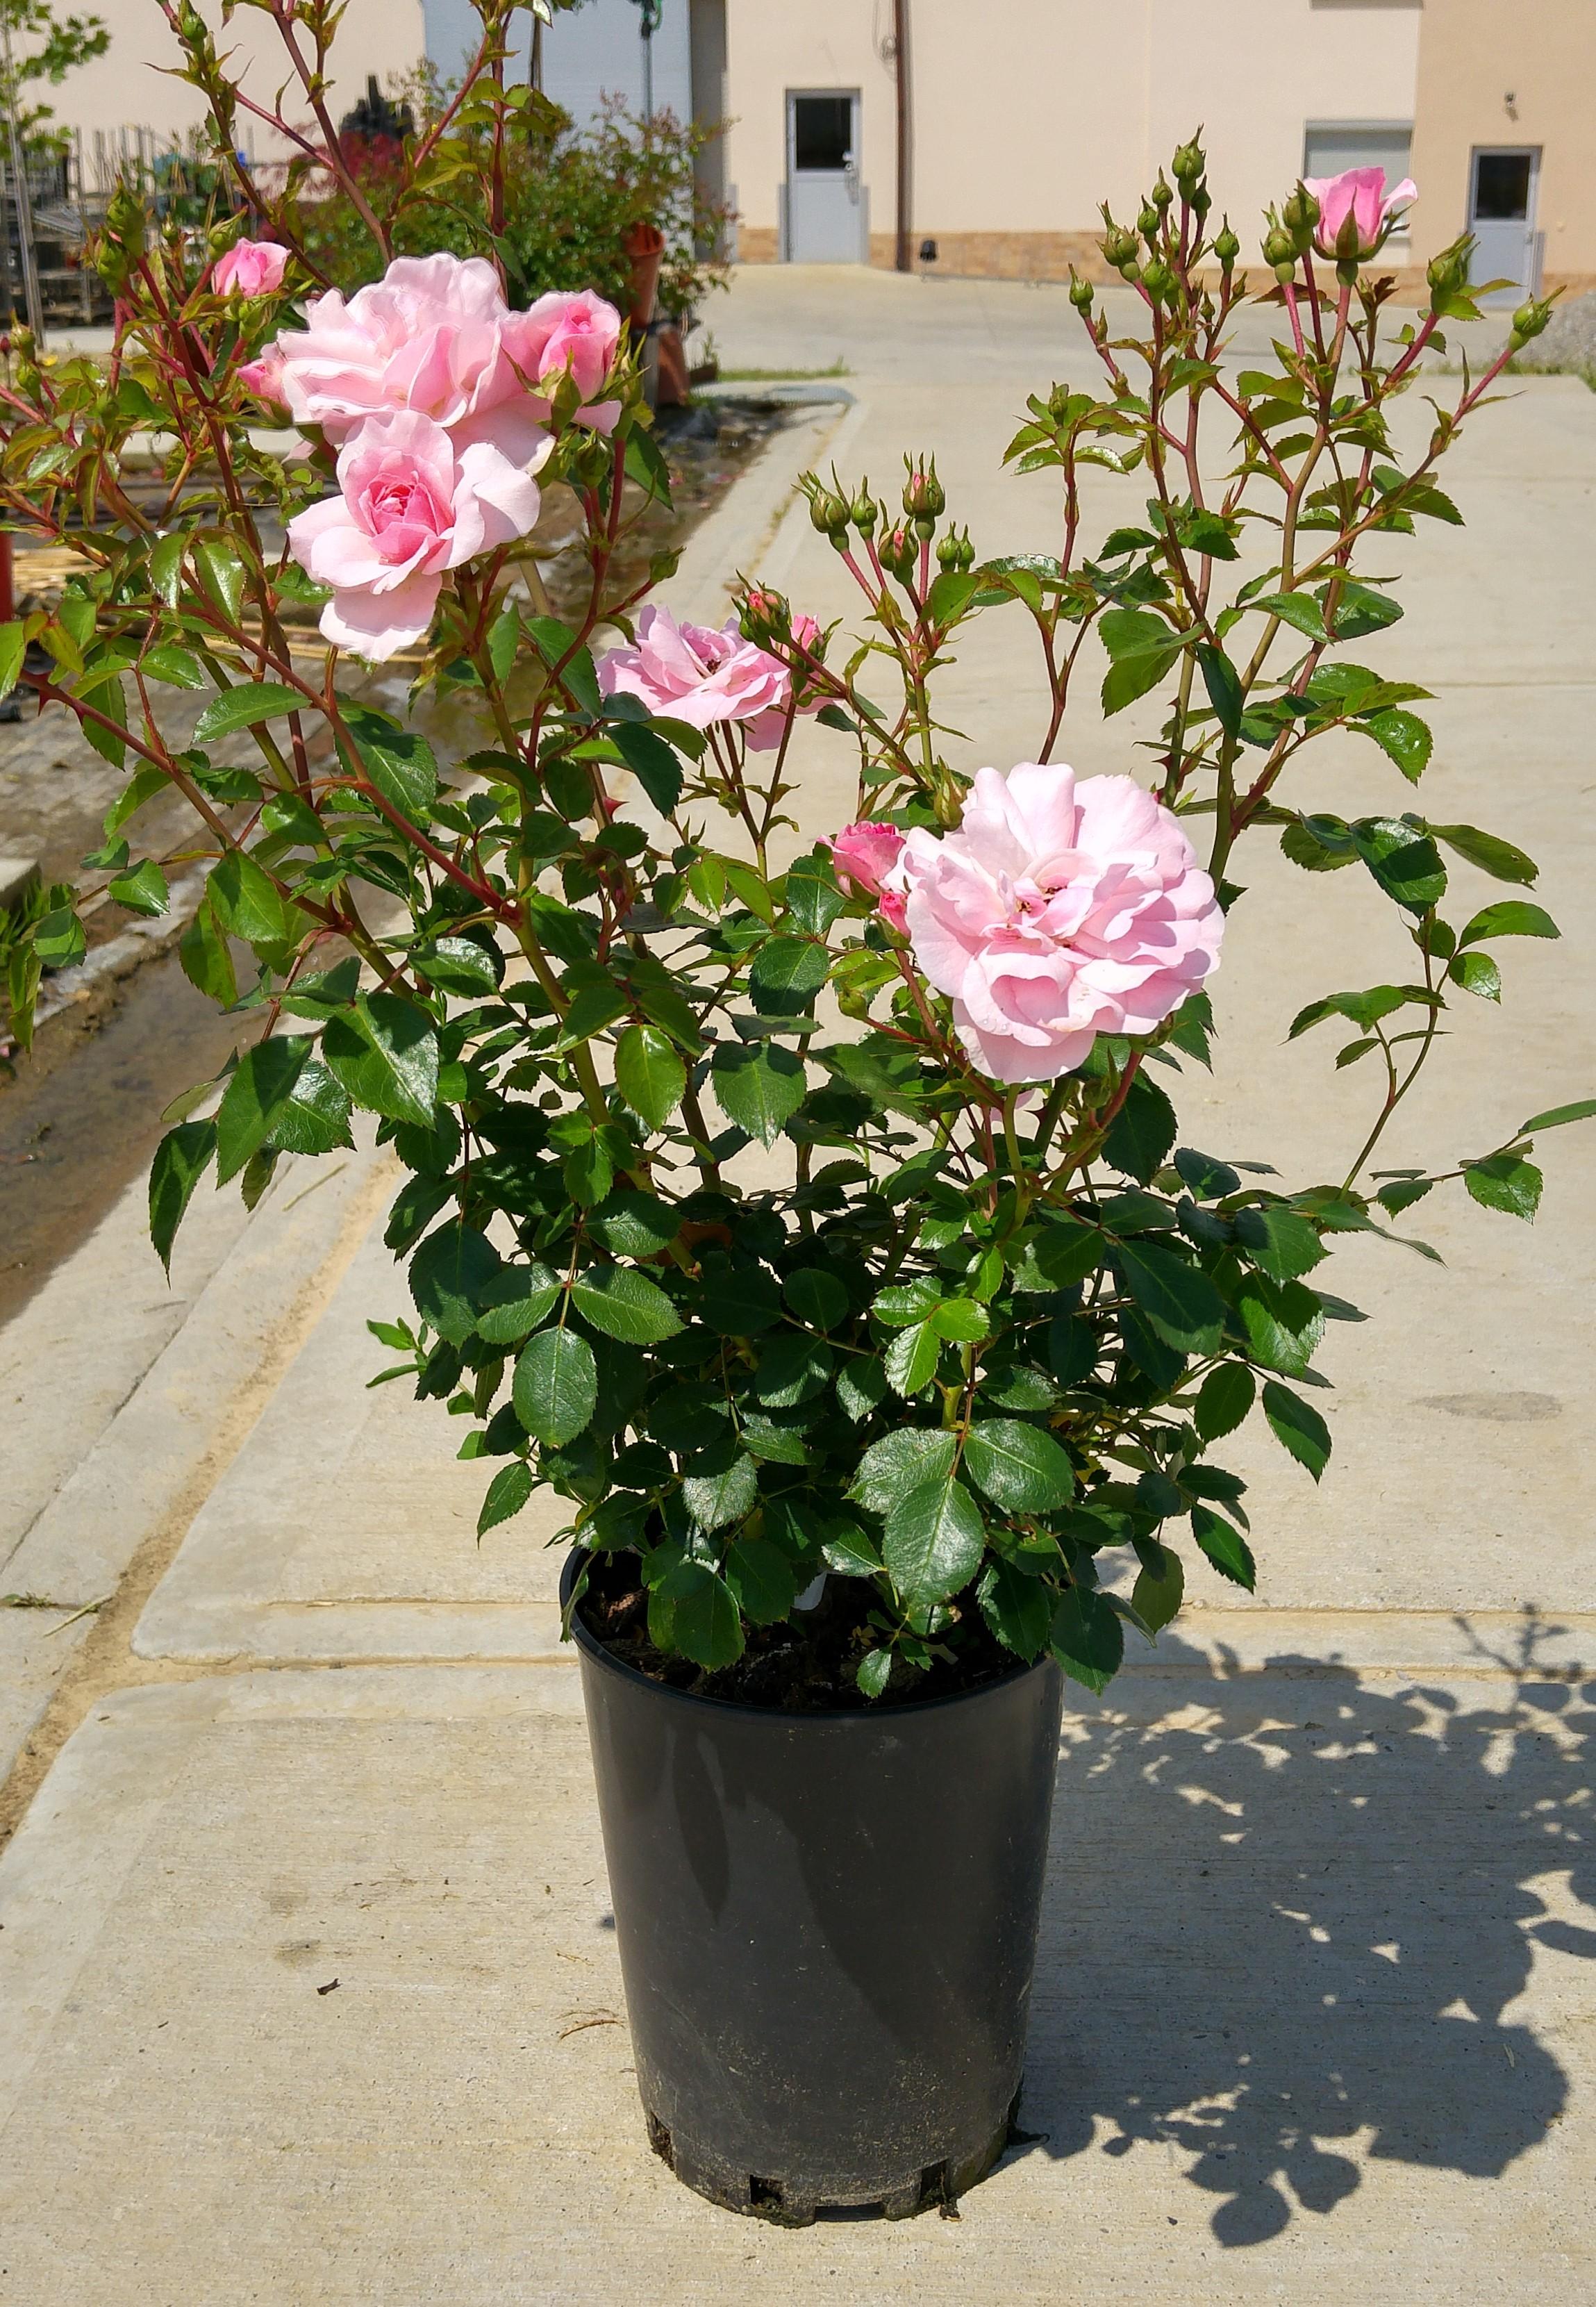 róża w czarnej doniczce